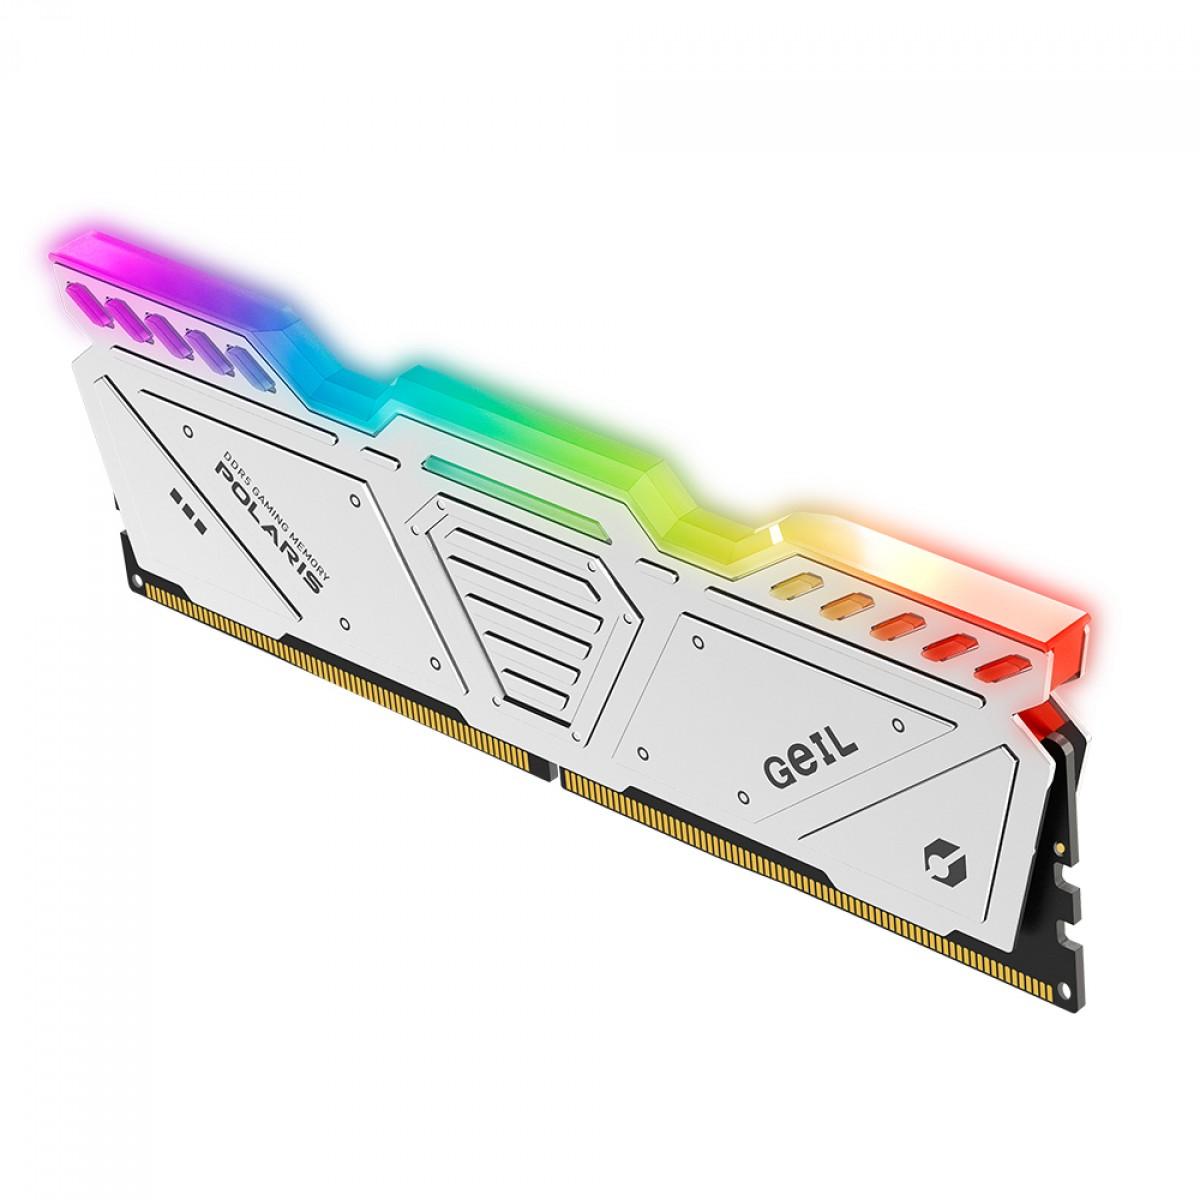 memoria-ddr5-geil-polaris-16gb-4800mhz-white-gosw516gb4800c40sc_130437